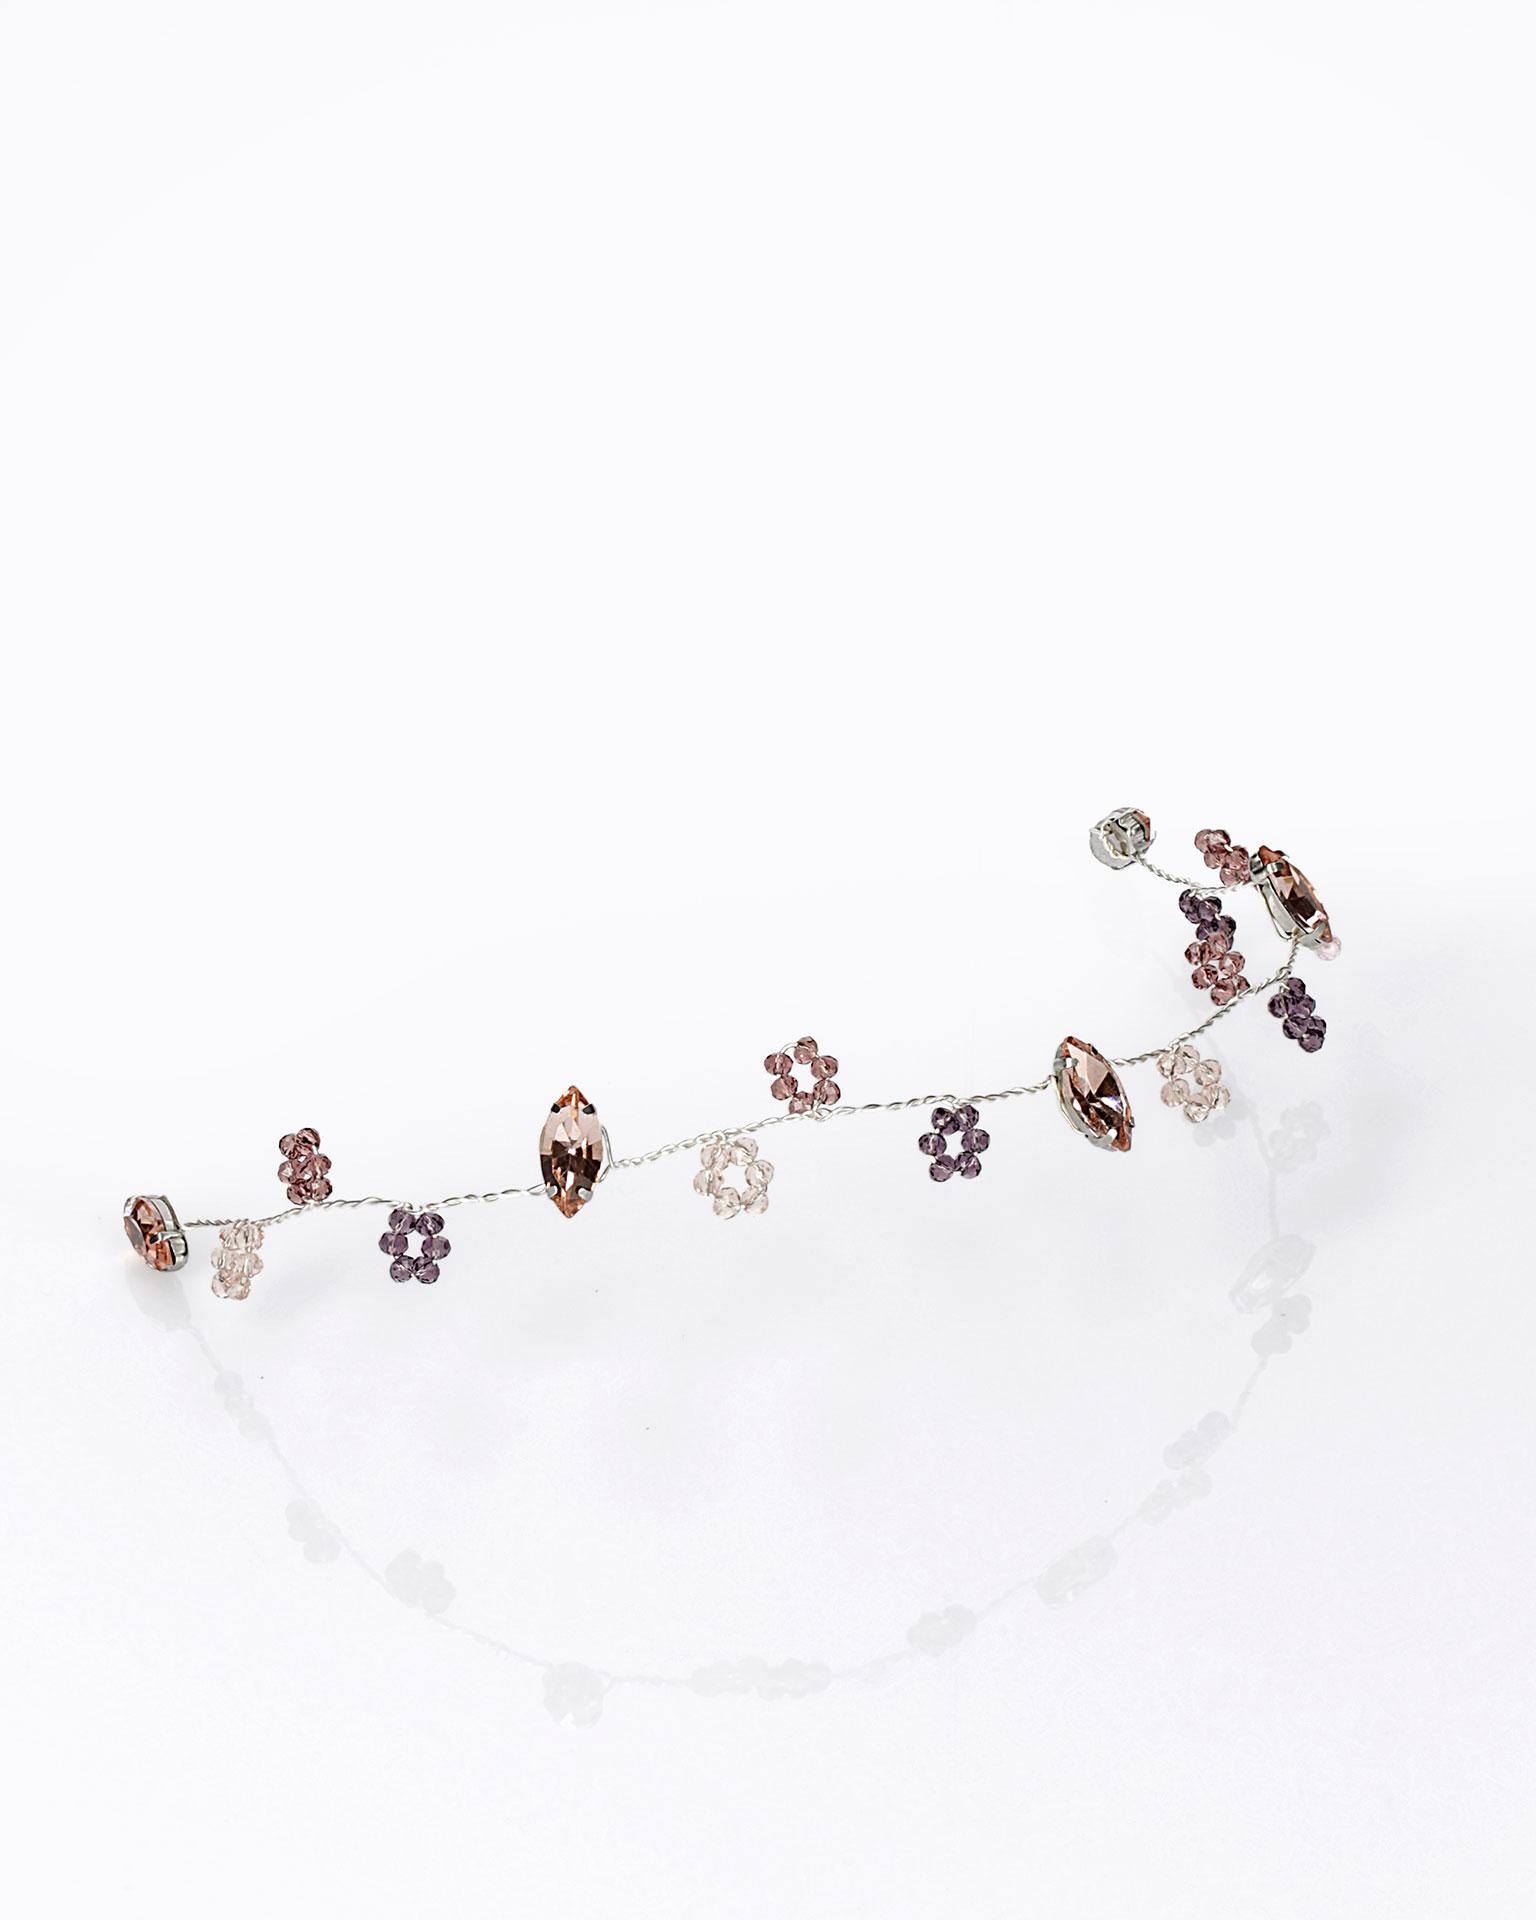 Toucado de noiva em prateado e cristais. Disponível em prateado e tons de rosa. Coleção AIRE BARCELONA 2019.